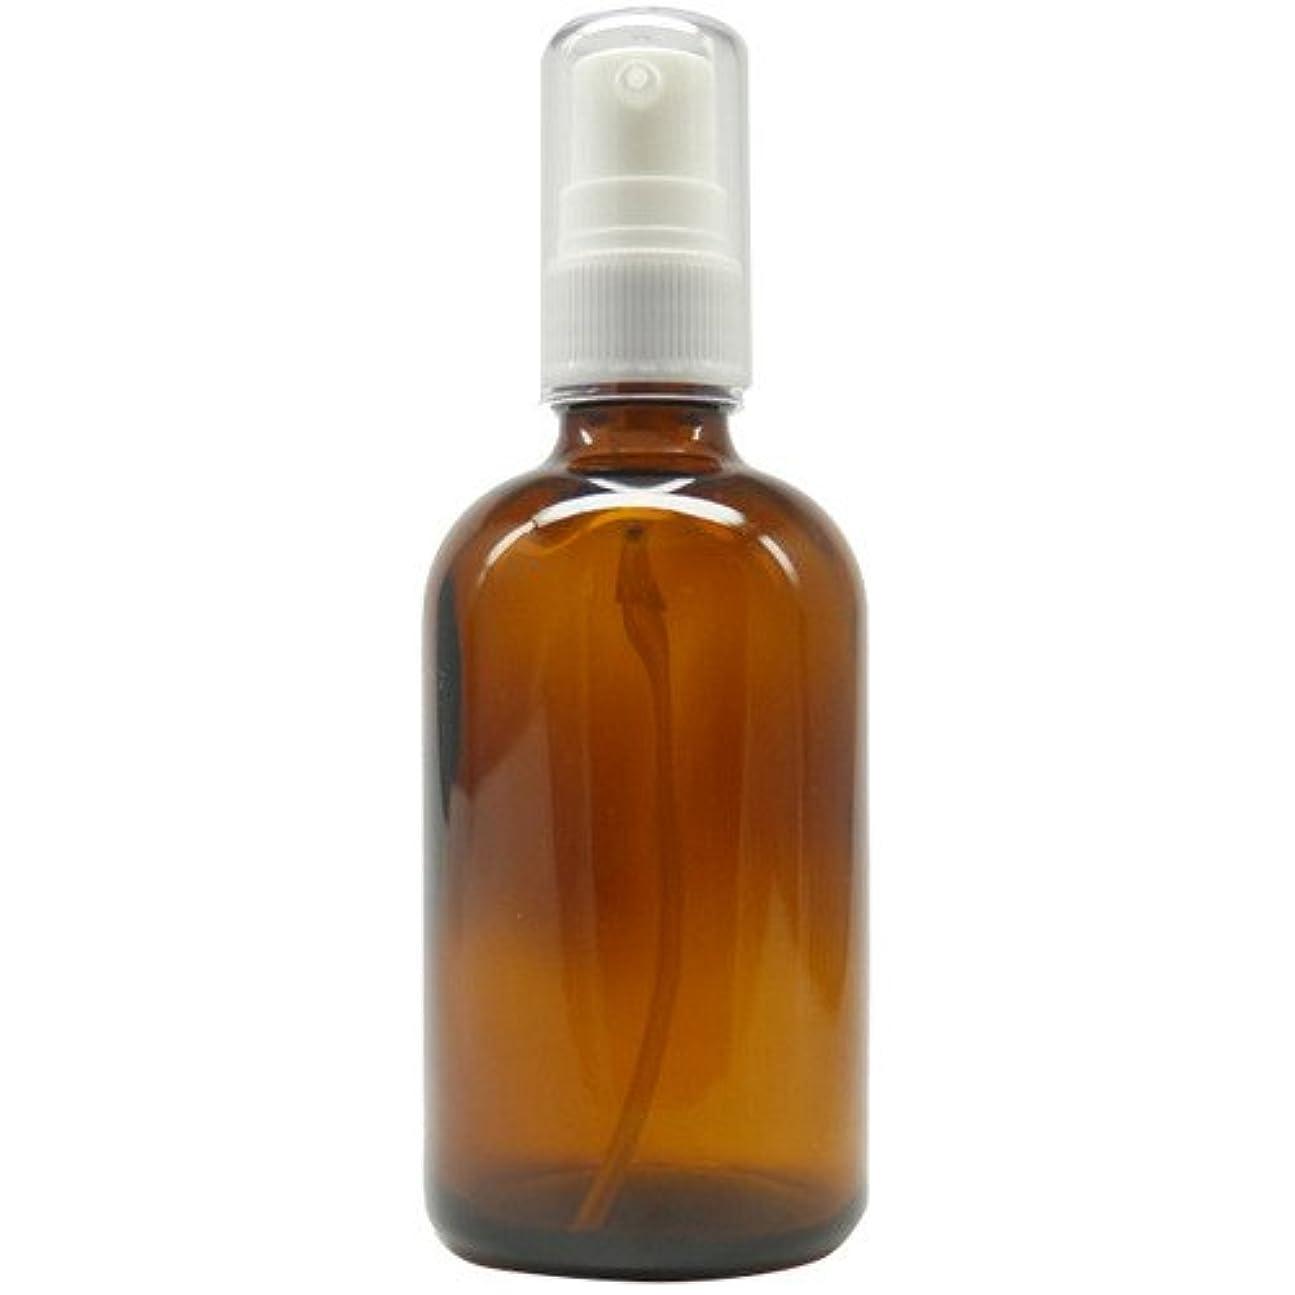 知り合い勤勉申し立てアロマアンドライフ (D)茶褐色ポンプ瓶100ml 3本セット